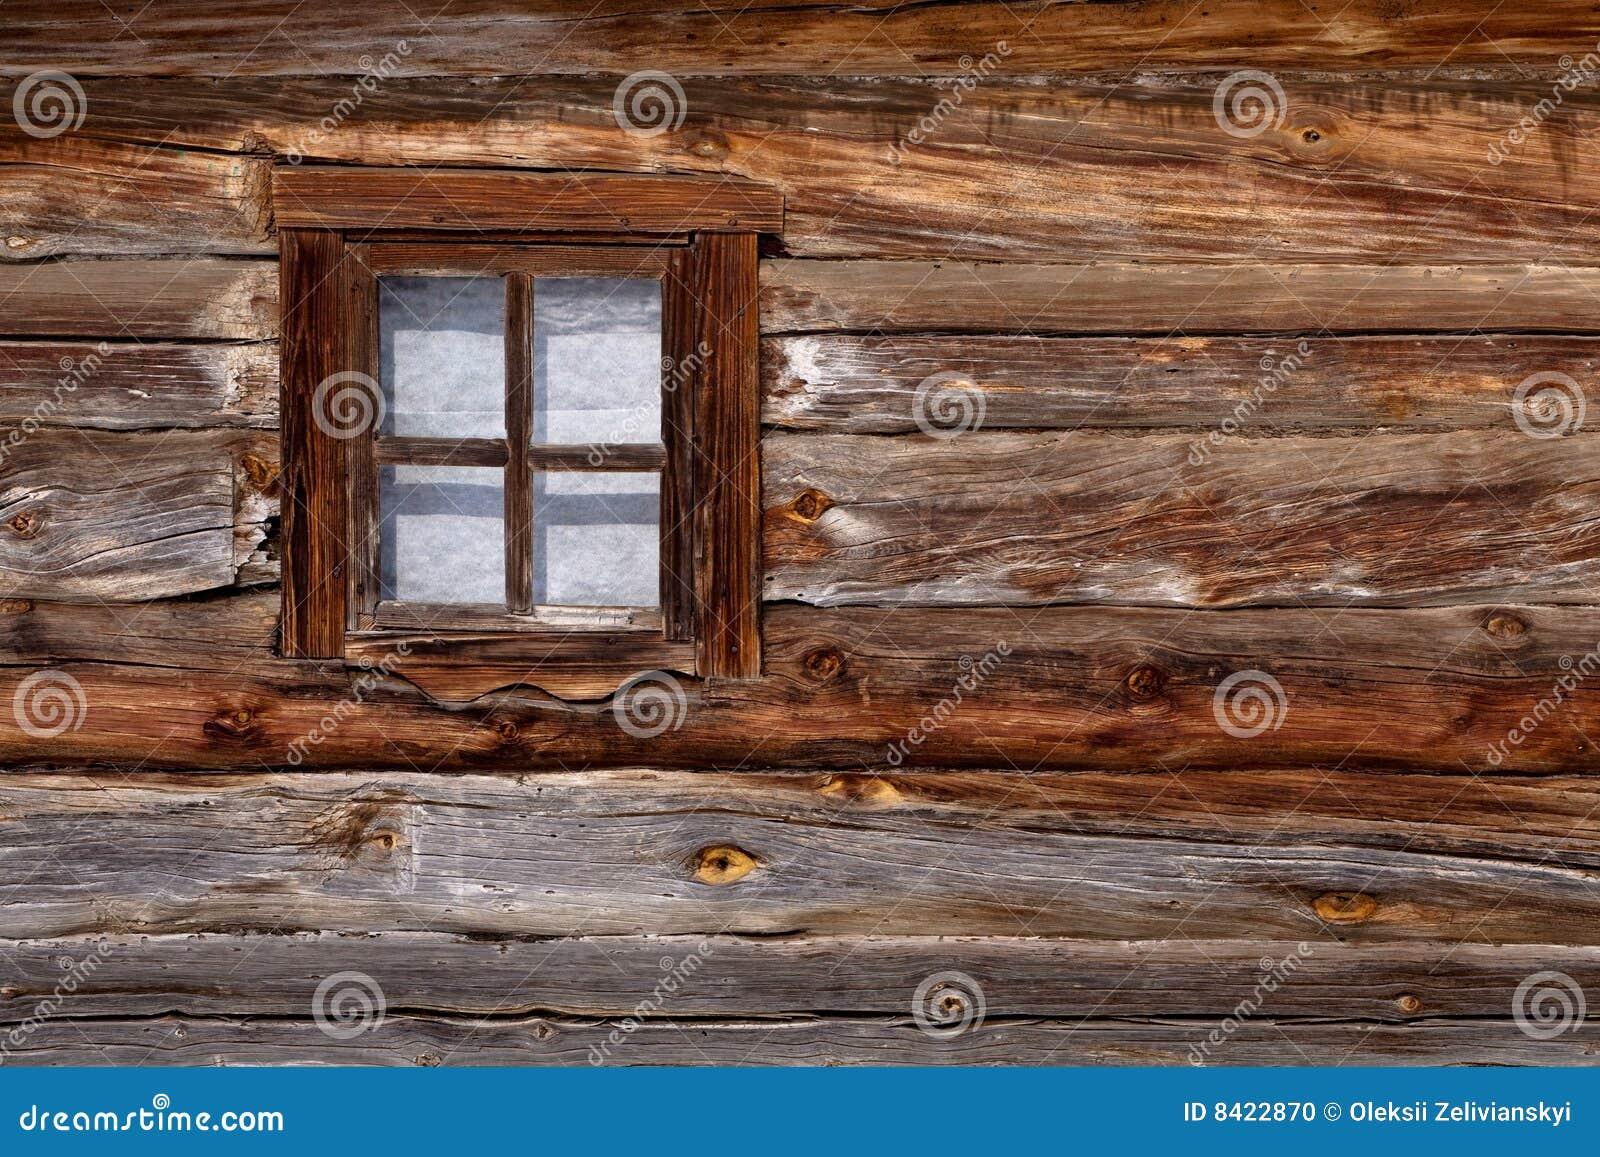 Vecchia finestra di legno fotografia stock immagine 8422870 for Finestra vecchia